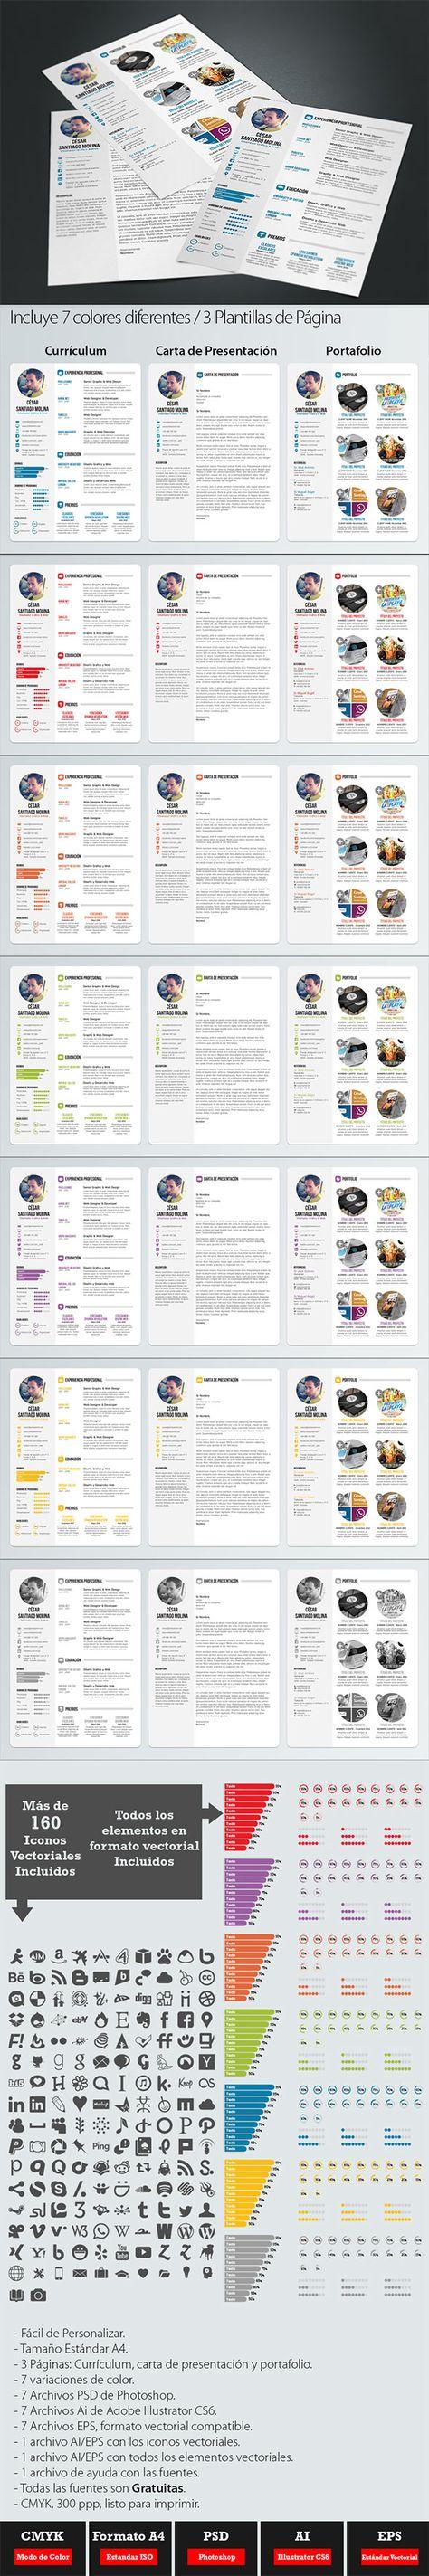 Plantillas de Currículum Vitae: Currículum Vitae Profesional en 7 Colores